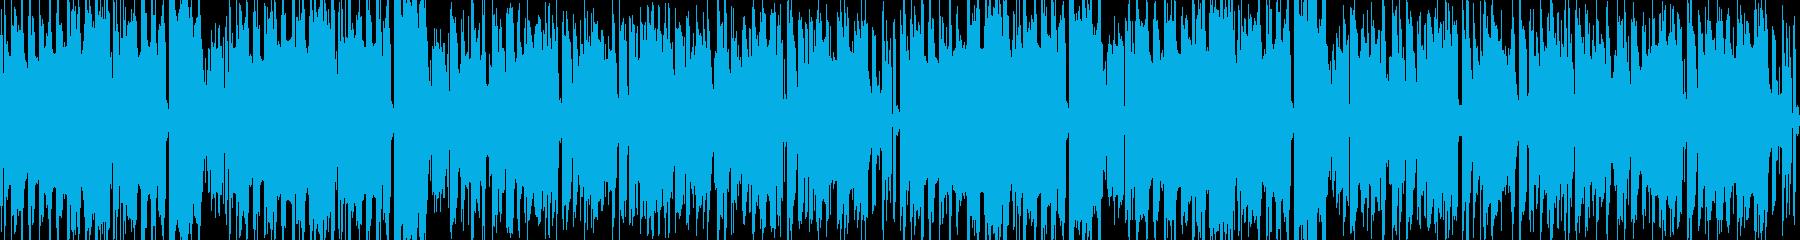 ゲーム、アプリ、ファミコン風サウンドの再生済みの波形